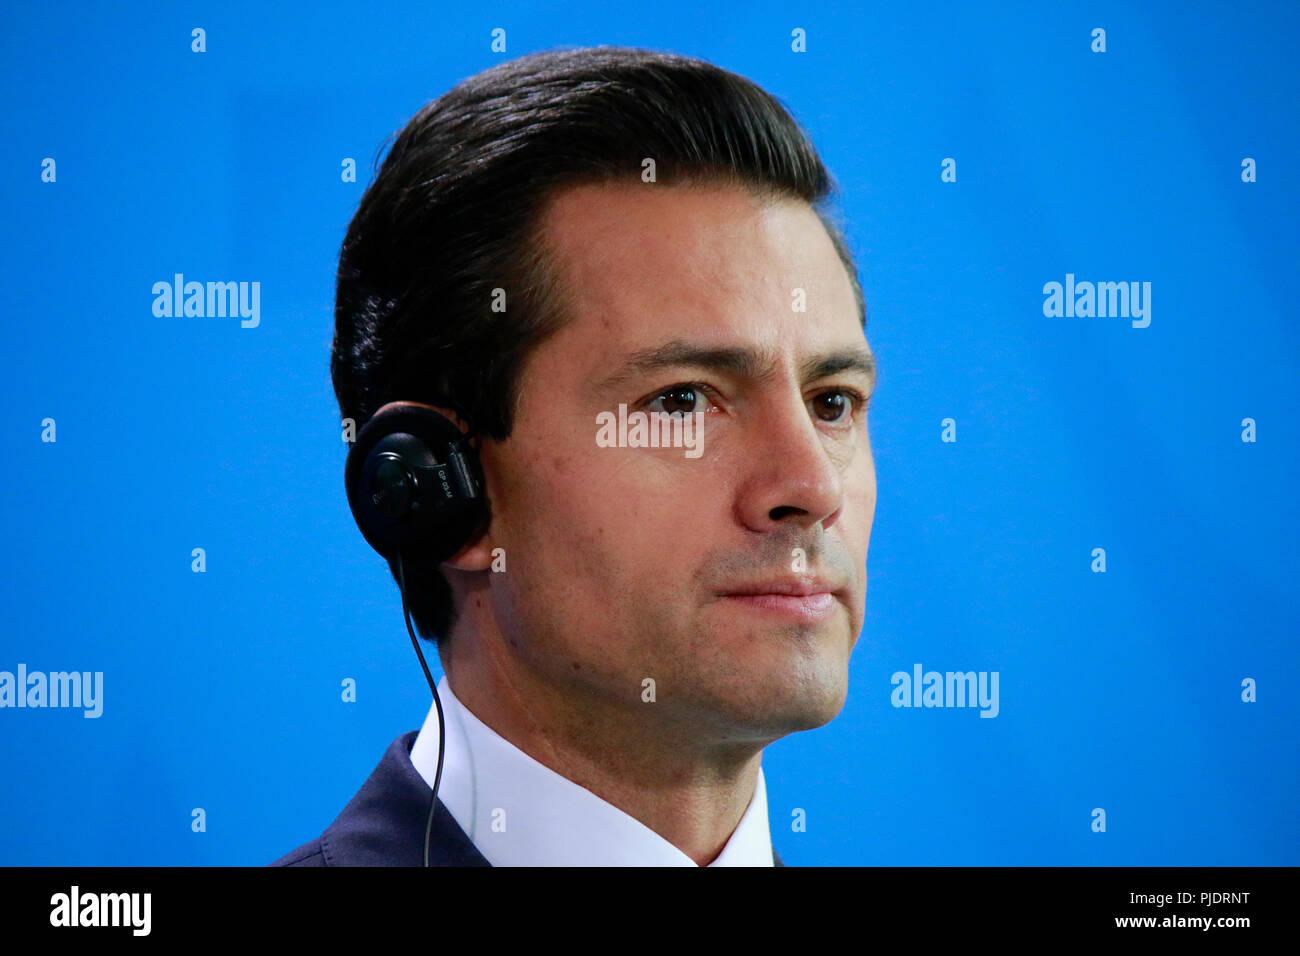 Enrique Pena Nieto - Treffen der dt. Bundeskanzlerin mit dem mexikanischen Praeisdenten, Bundeskanzleramt, 12. April 2016, Berlin. Stock Photo